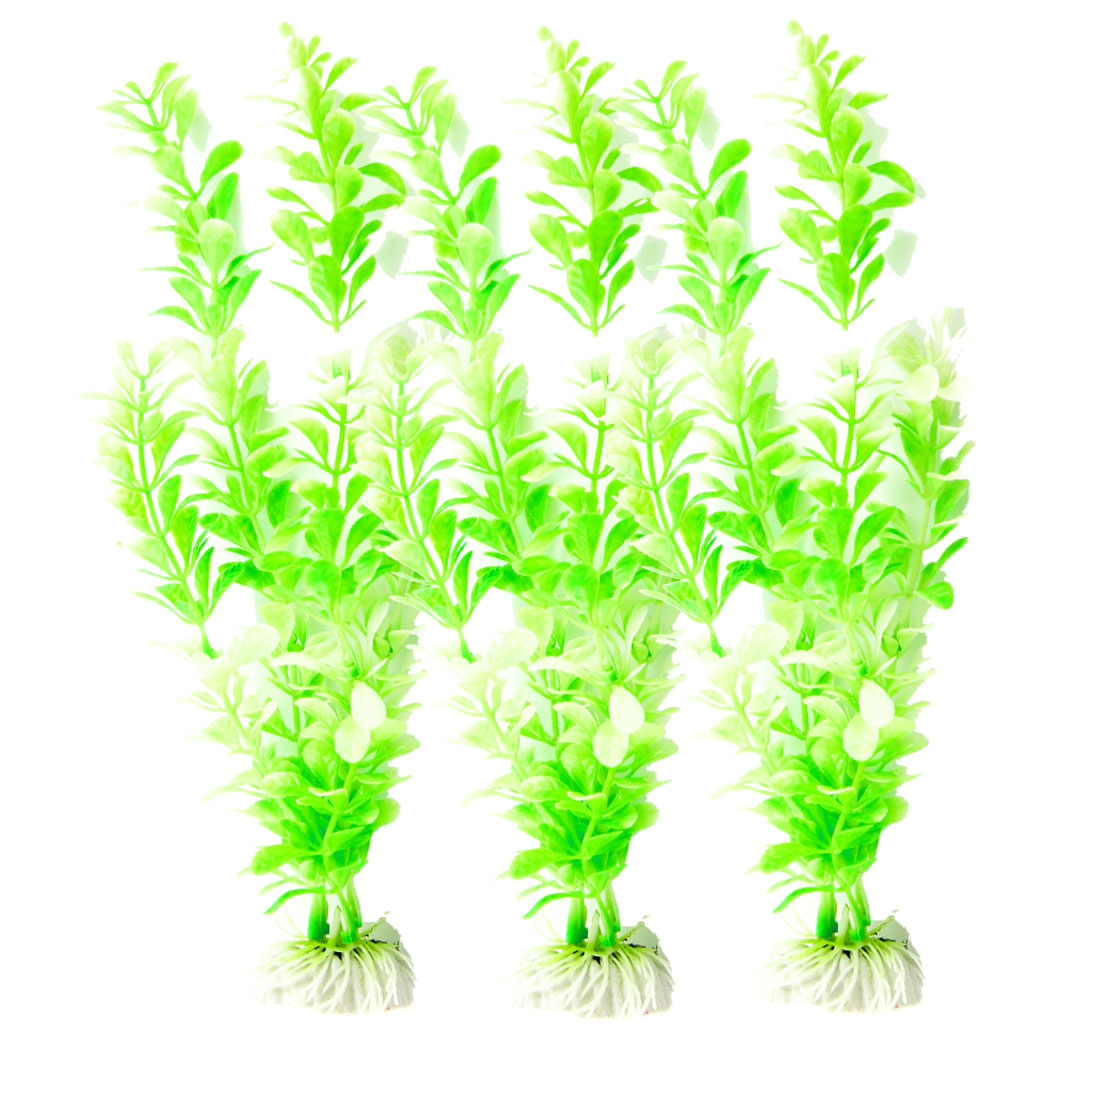 3 Pcs Light Green Plastic Aquascaping Plant Grass for Fish Tank Aquarium